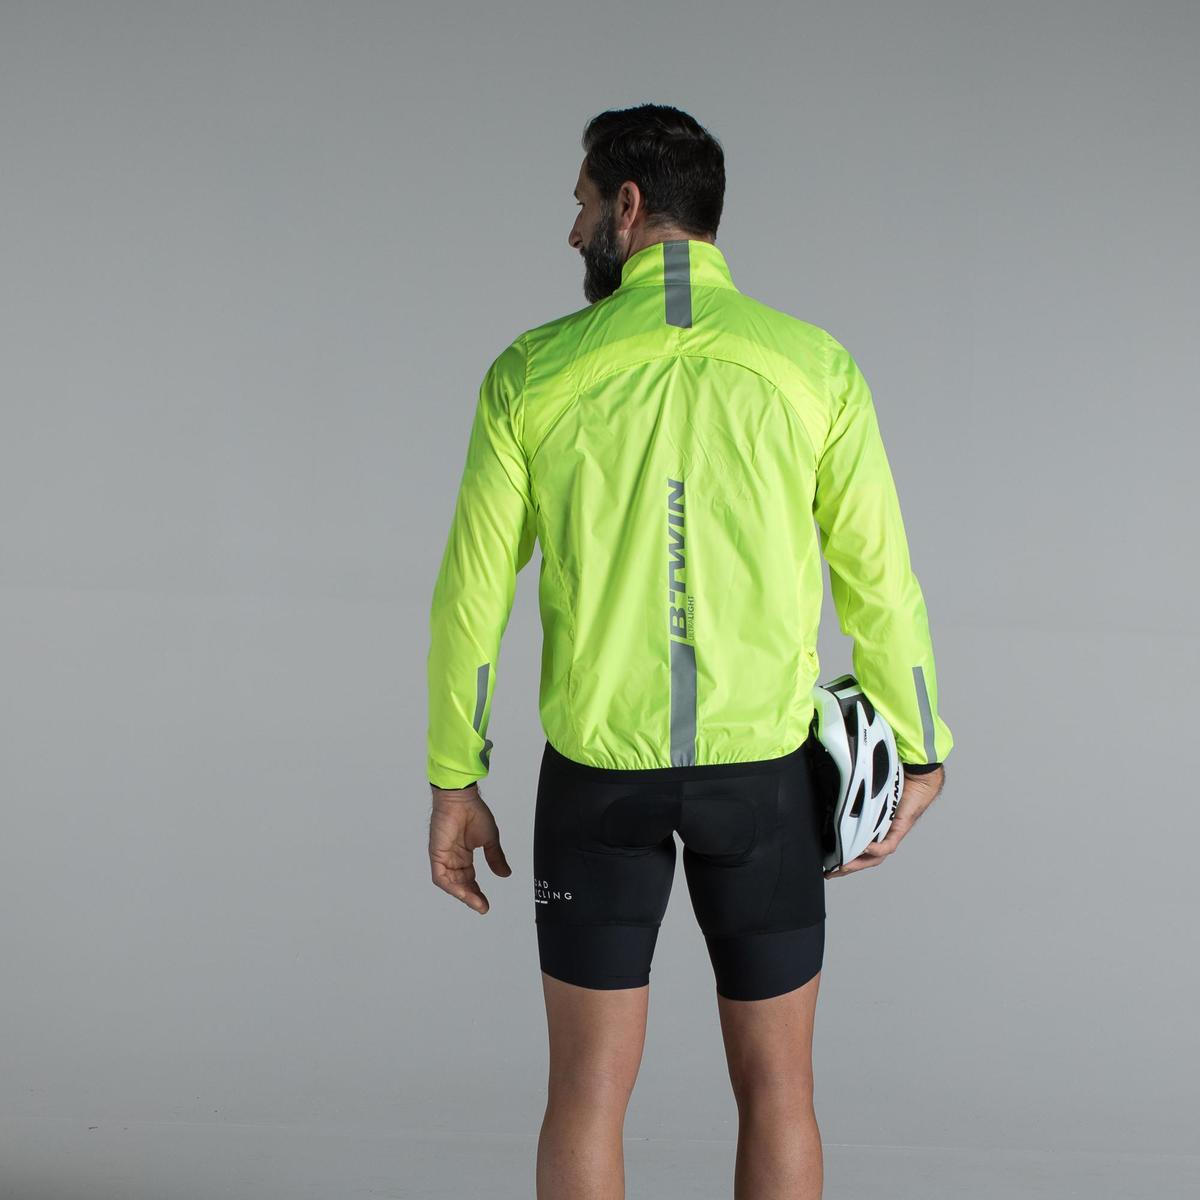 Bild 4 von Fahrrad-Windjacke Langarm Rennrad Ultralight Herren neongelb